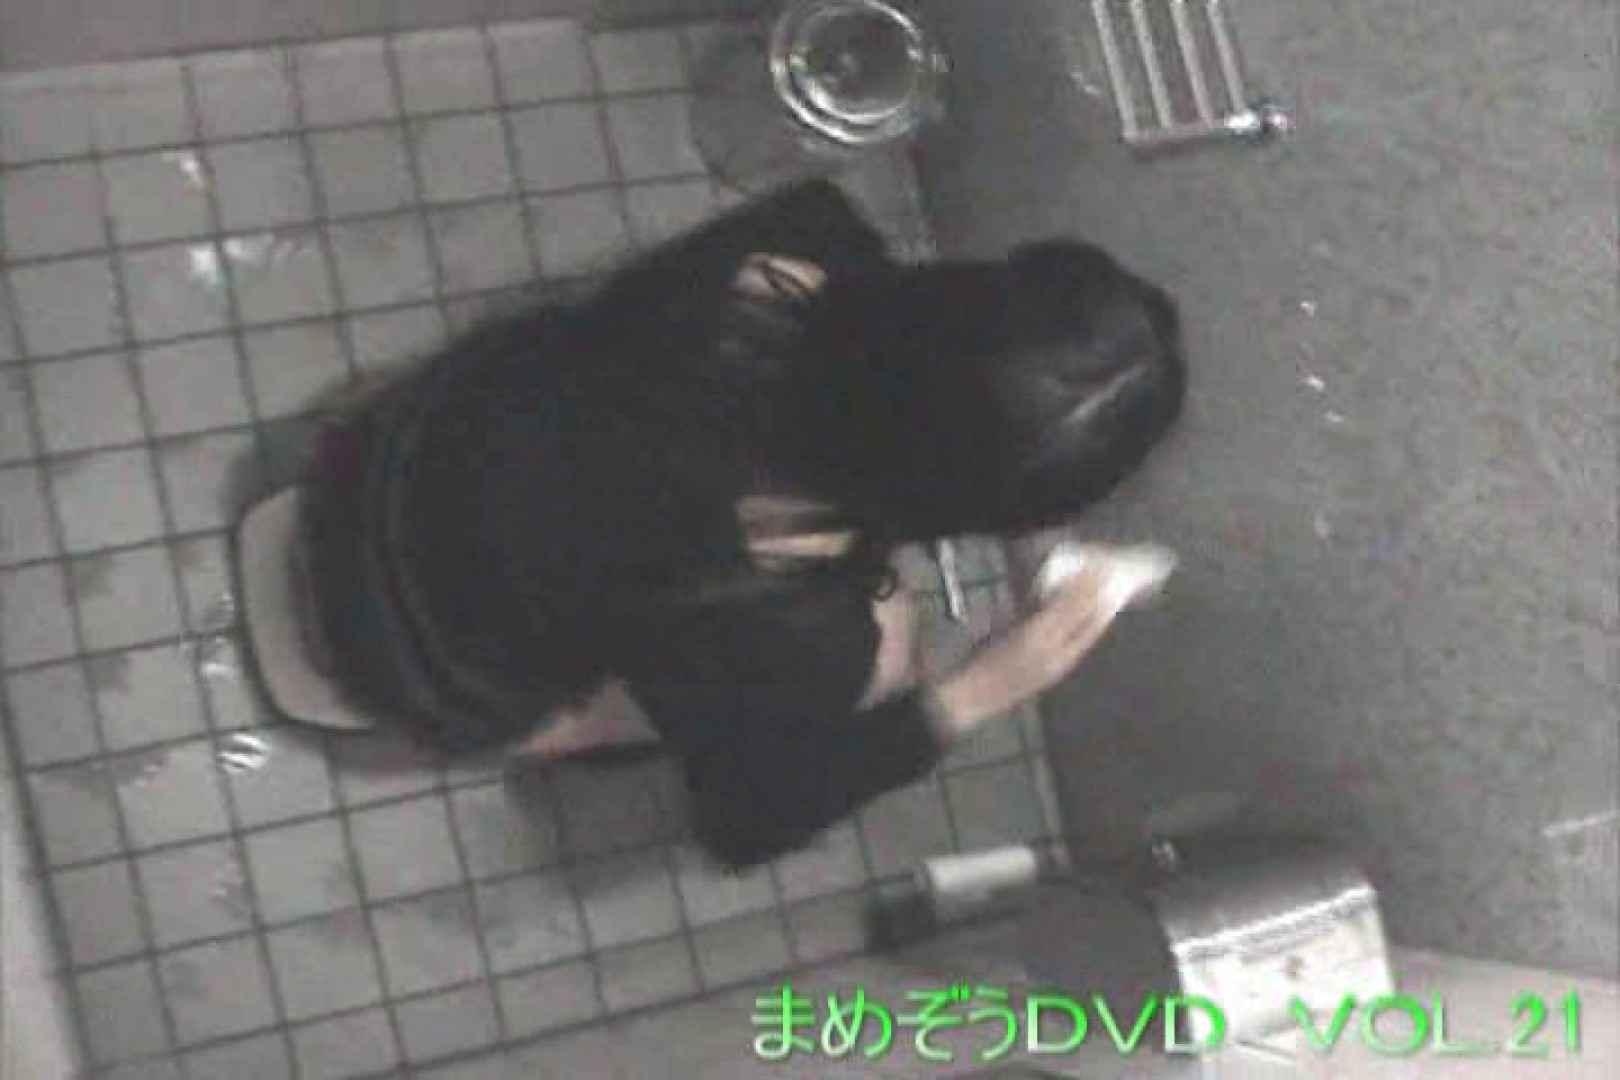 まめぞうDVD完全版VOL.21 洗面所 | ギャル攻め  91画像 69